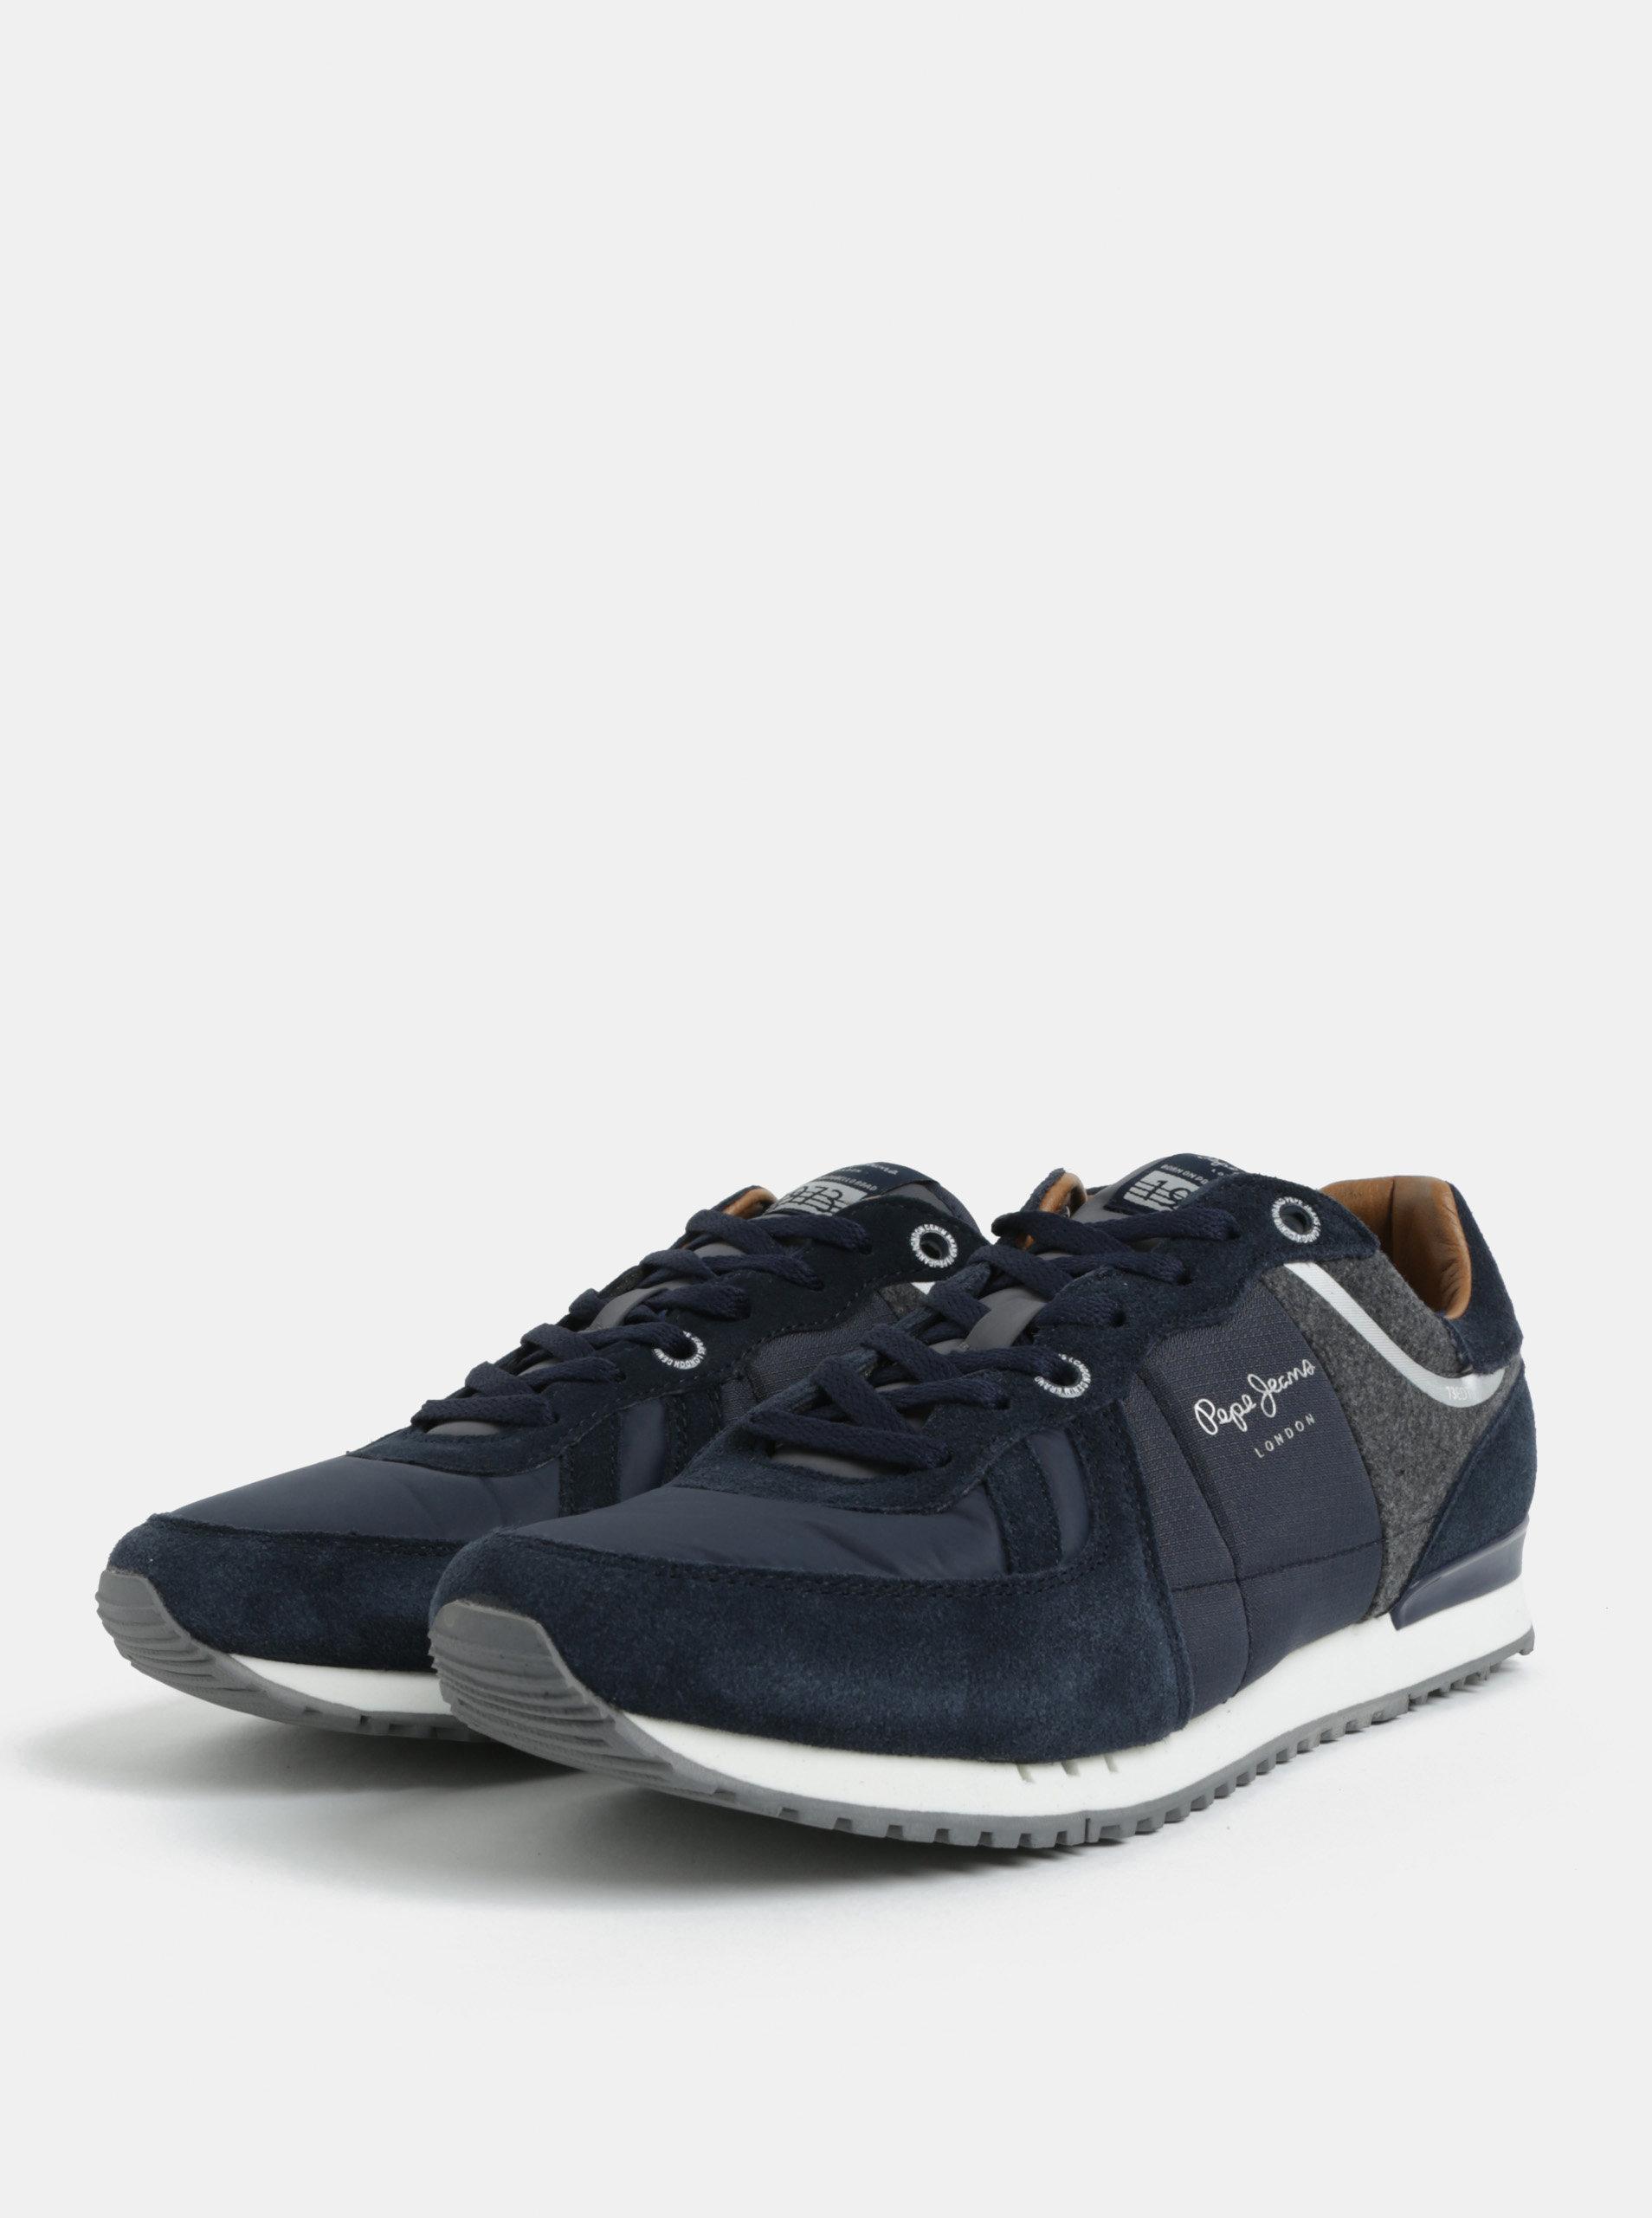 52502ec9915 Tmavě modré pánské semišové tenisky Pepe Jeans Tinker ...